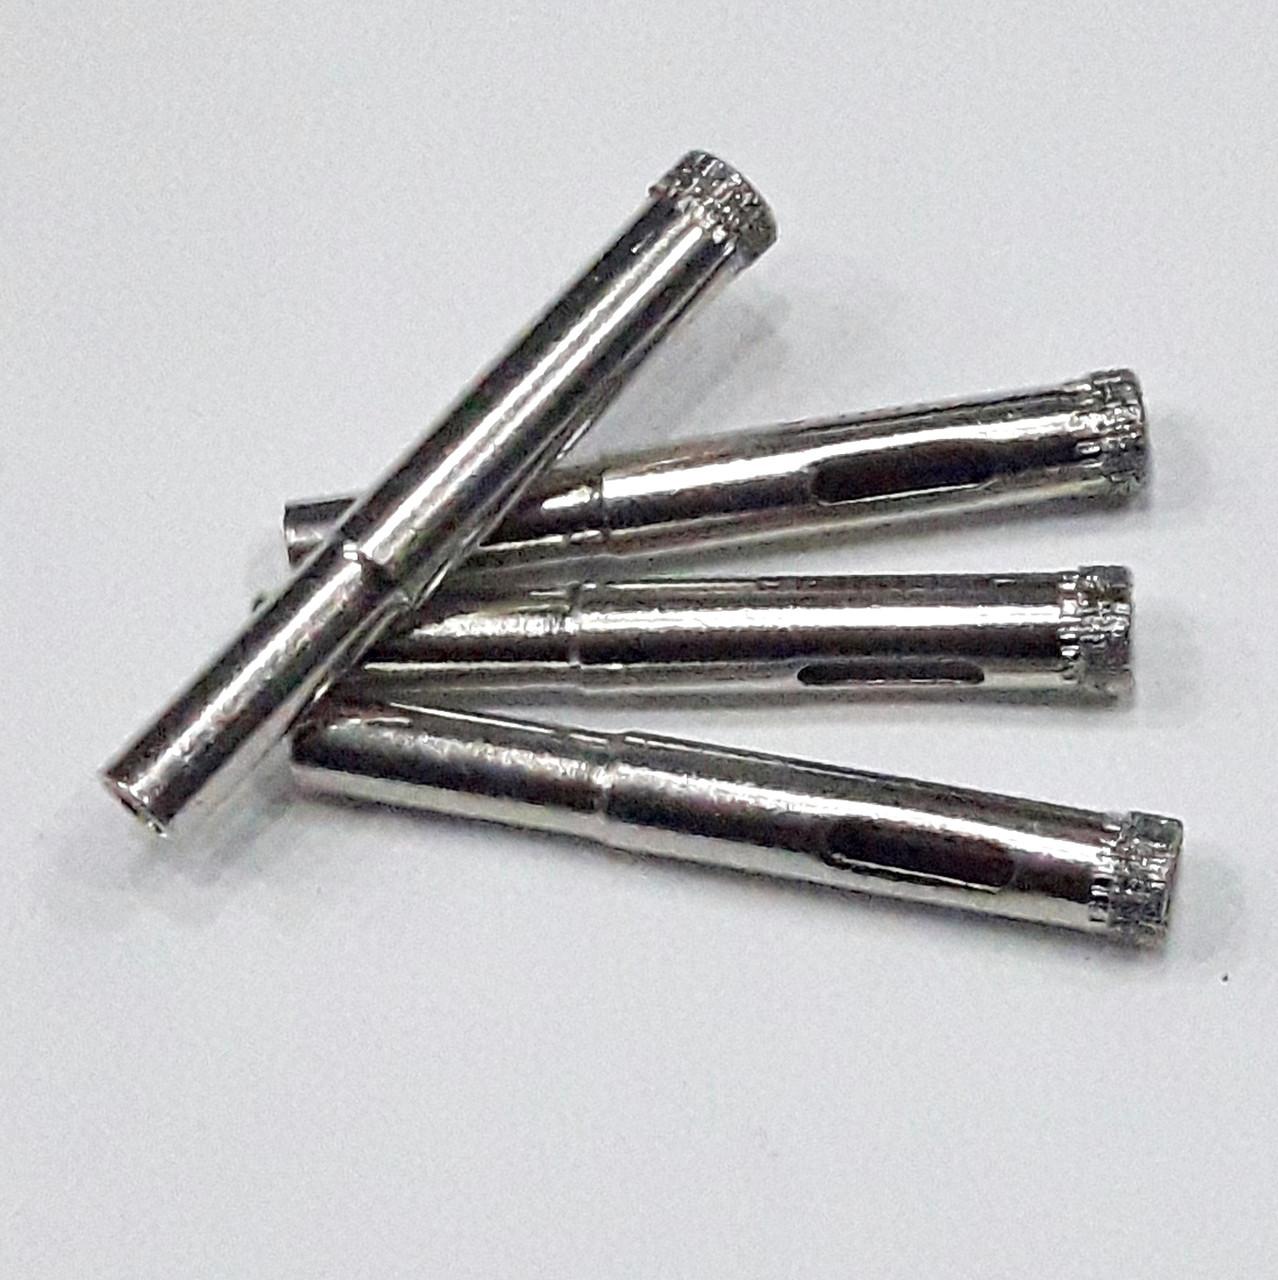 Коронка алмазная по граниту и мрамору (Коронка алмазна для граніту і мармуру) 8 мм